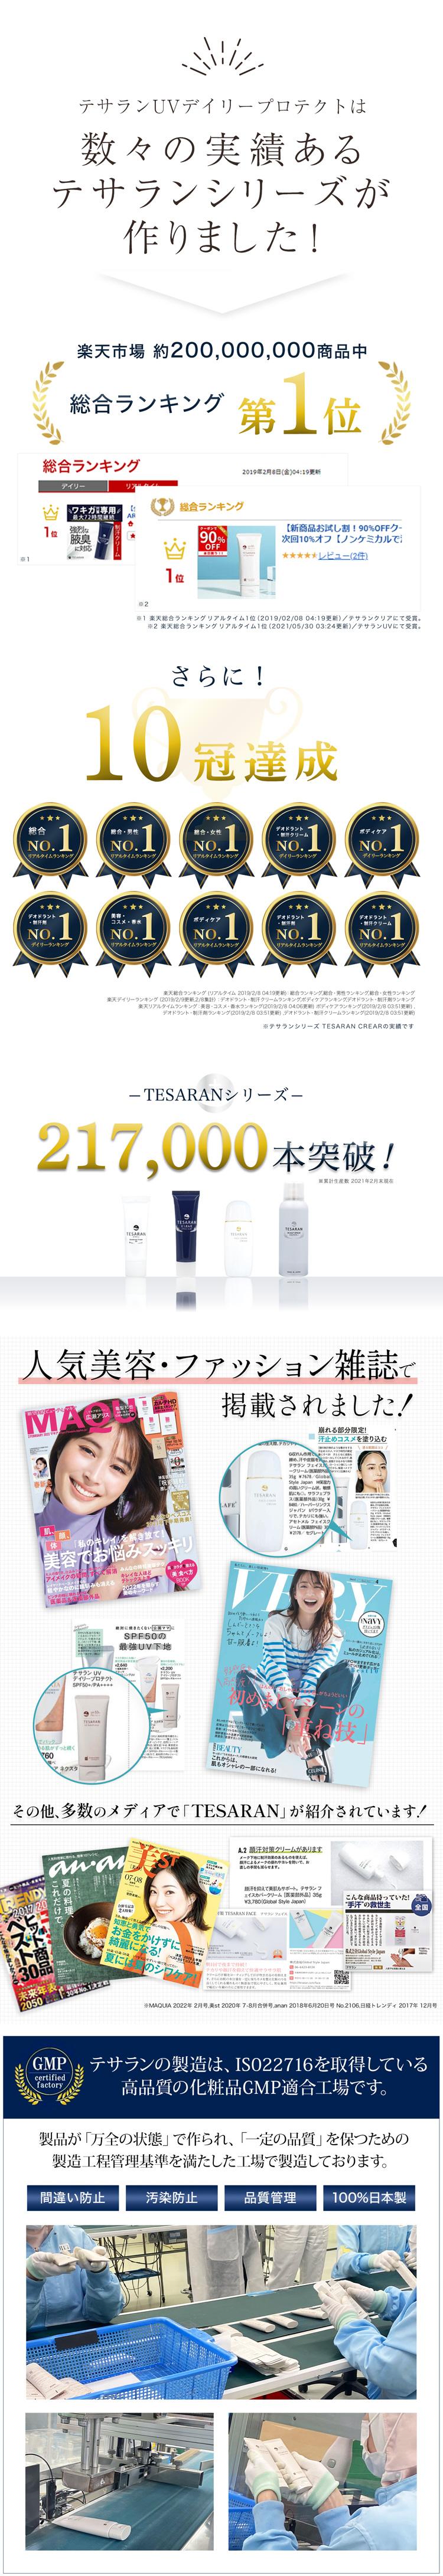 テサランシリーズ10冠達成 楽天総合ランキング1位 高品質の化粧品 日本製